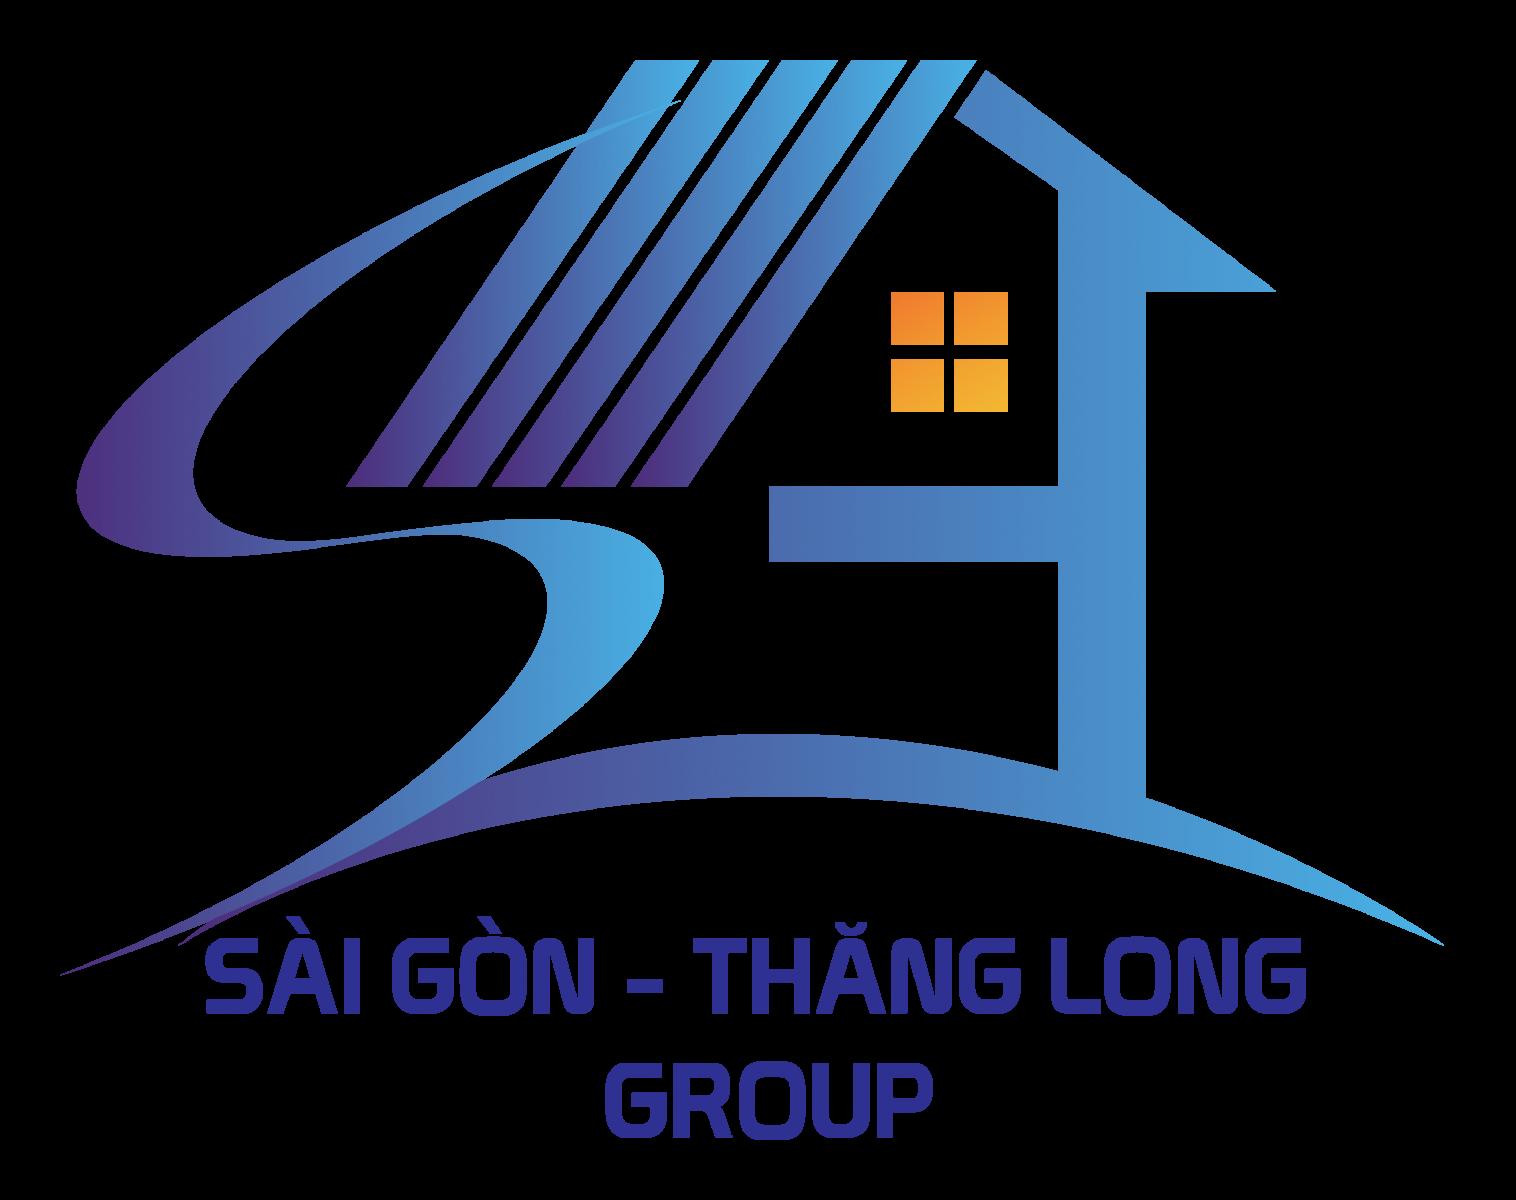 https://saigonthanglong.vn/